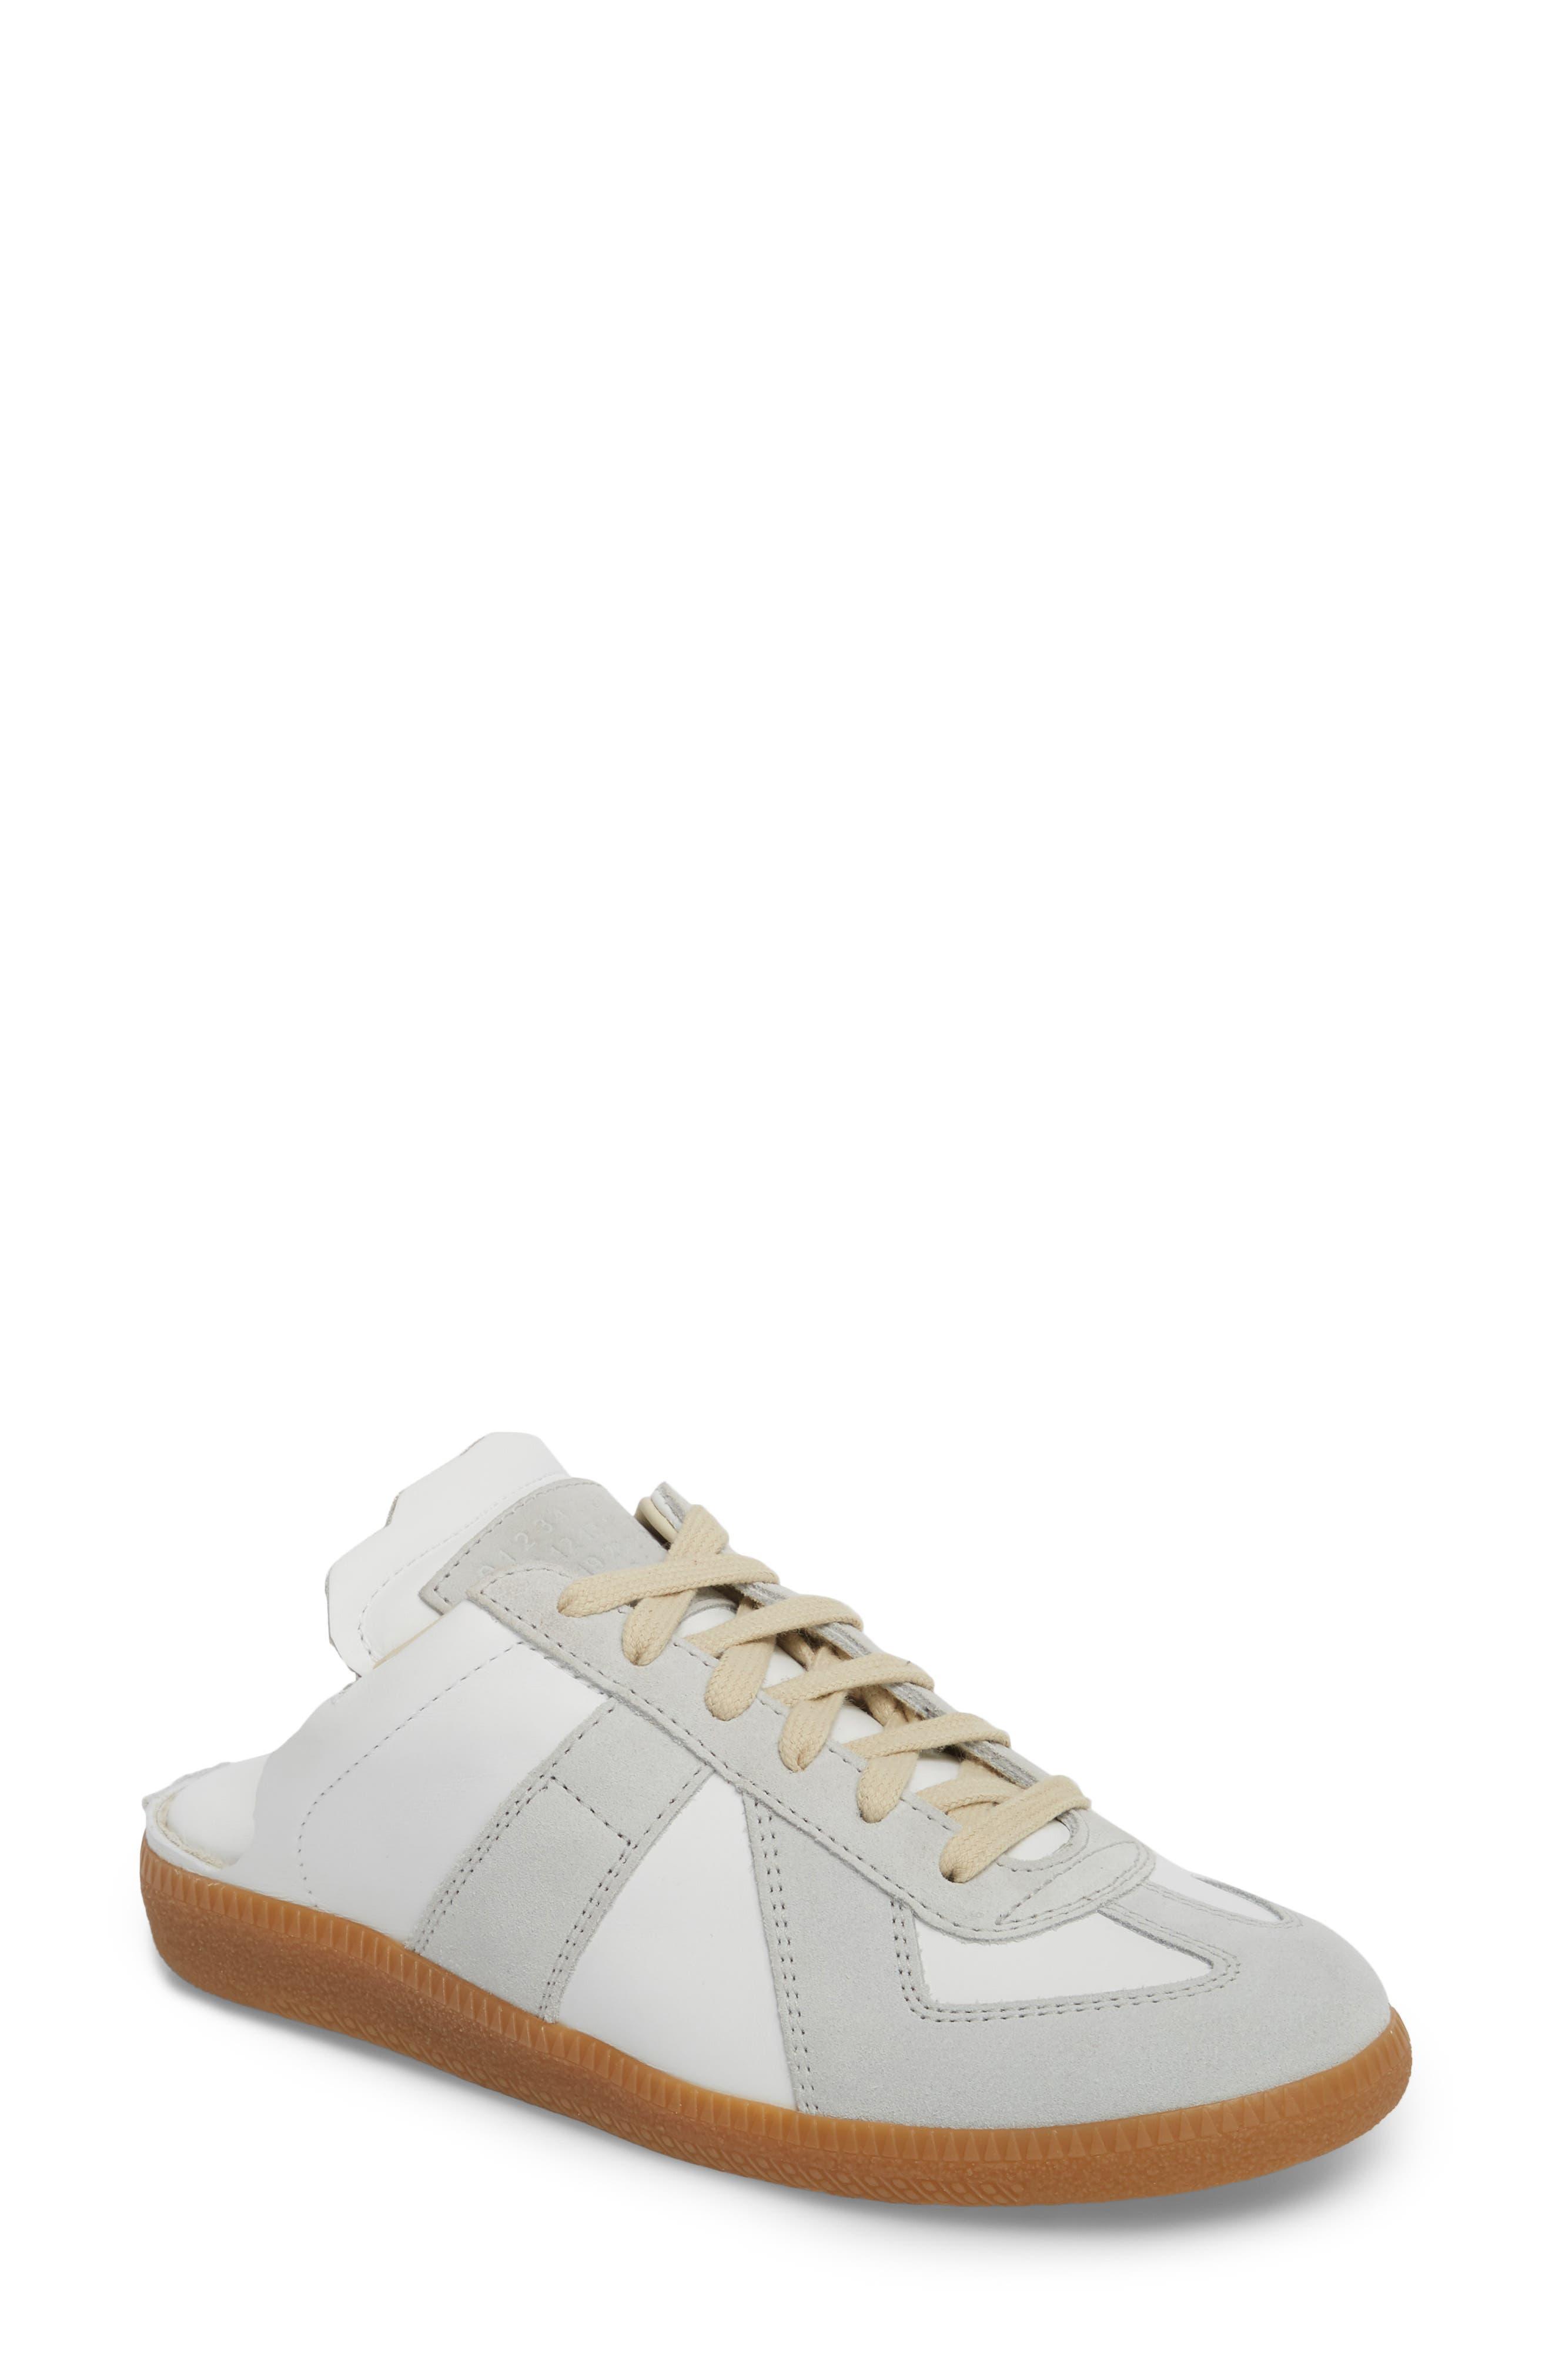 Maison Margiela Replica Sneaker Mule (Women)